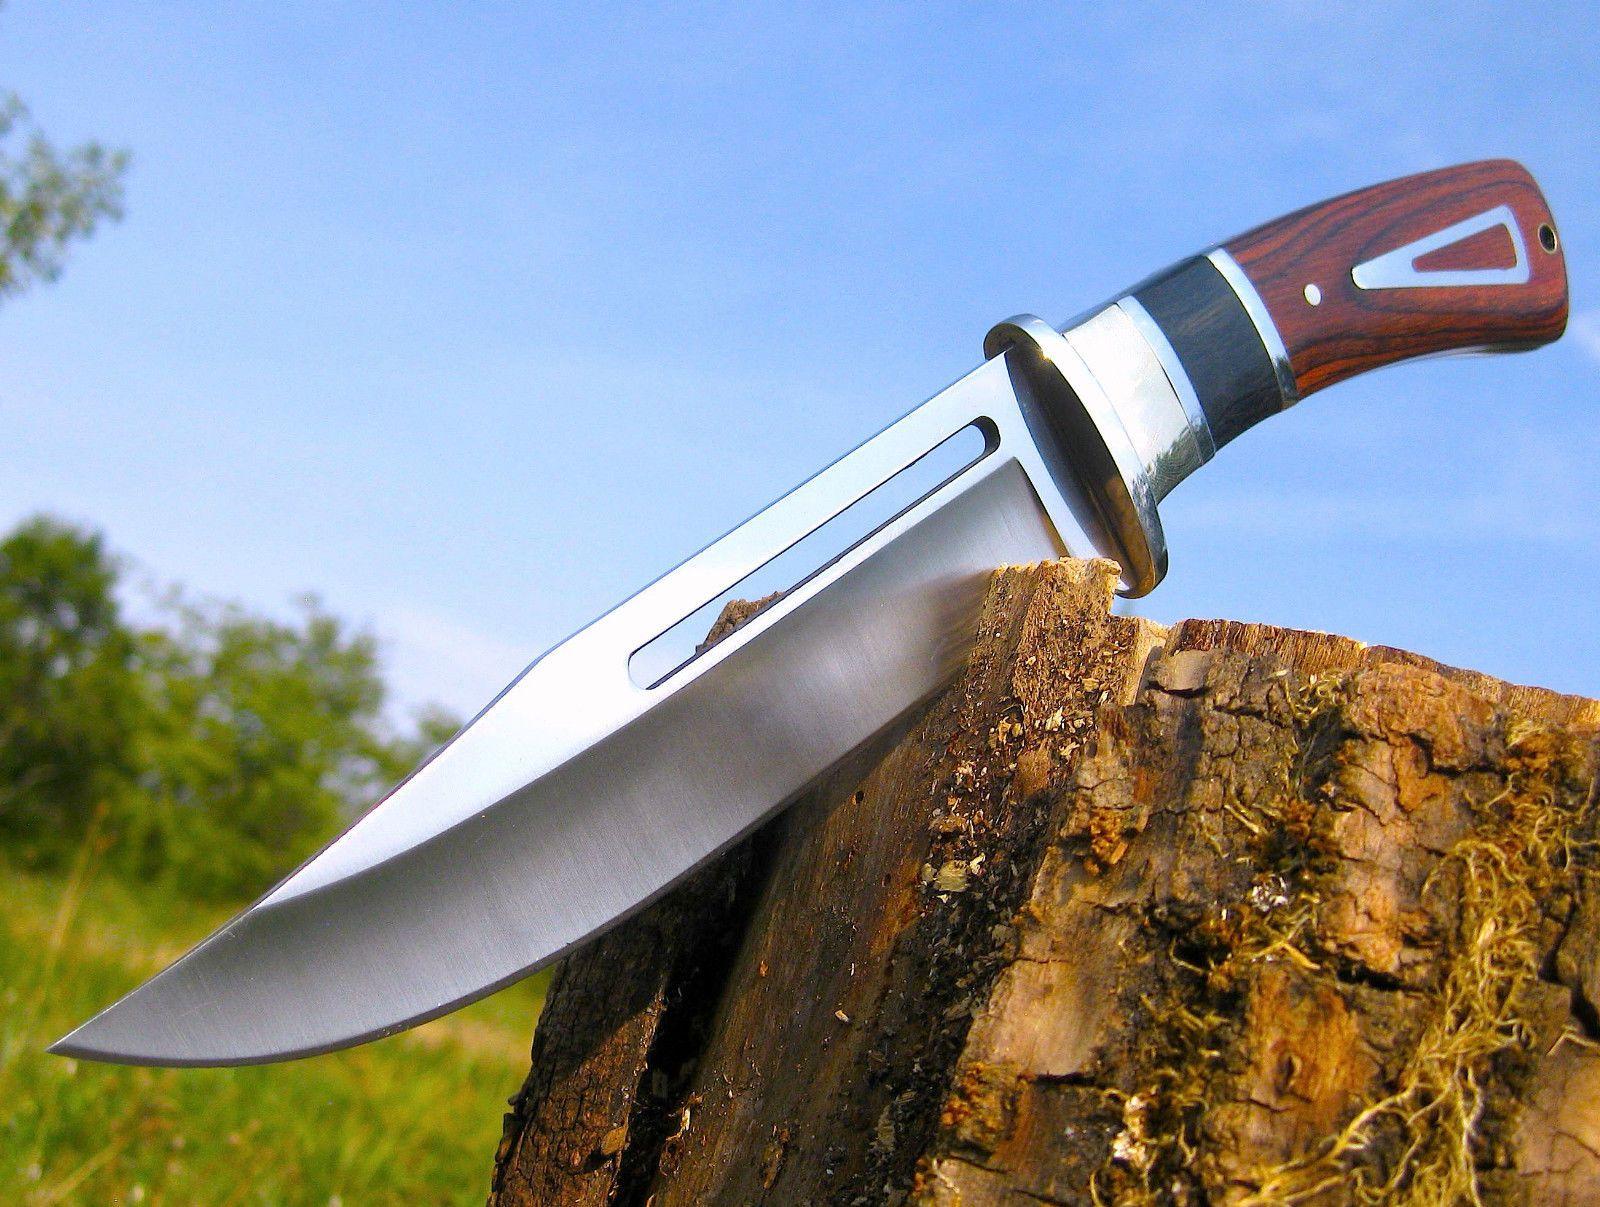 Jagdmesser Machete Huntingknife Coltello Couteau Cuchillo Coltelli Da Caccia 041 http://www.ebay.de/itm/Jagdmesser-Machete-Huntingknife-Coltello-Couteau-Cuchillo-Coltelli-Da-Caccia-041-/191625785181?ssPageName=STRK:MESE:IT